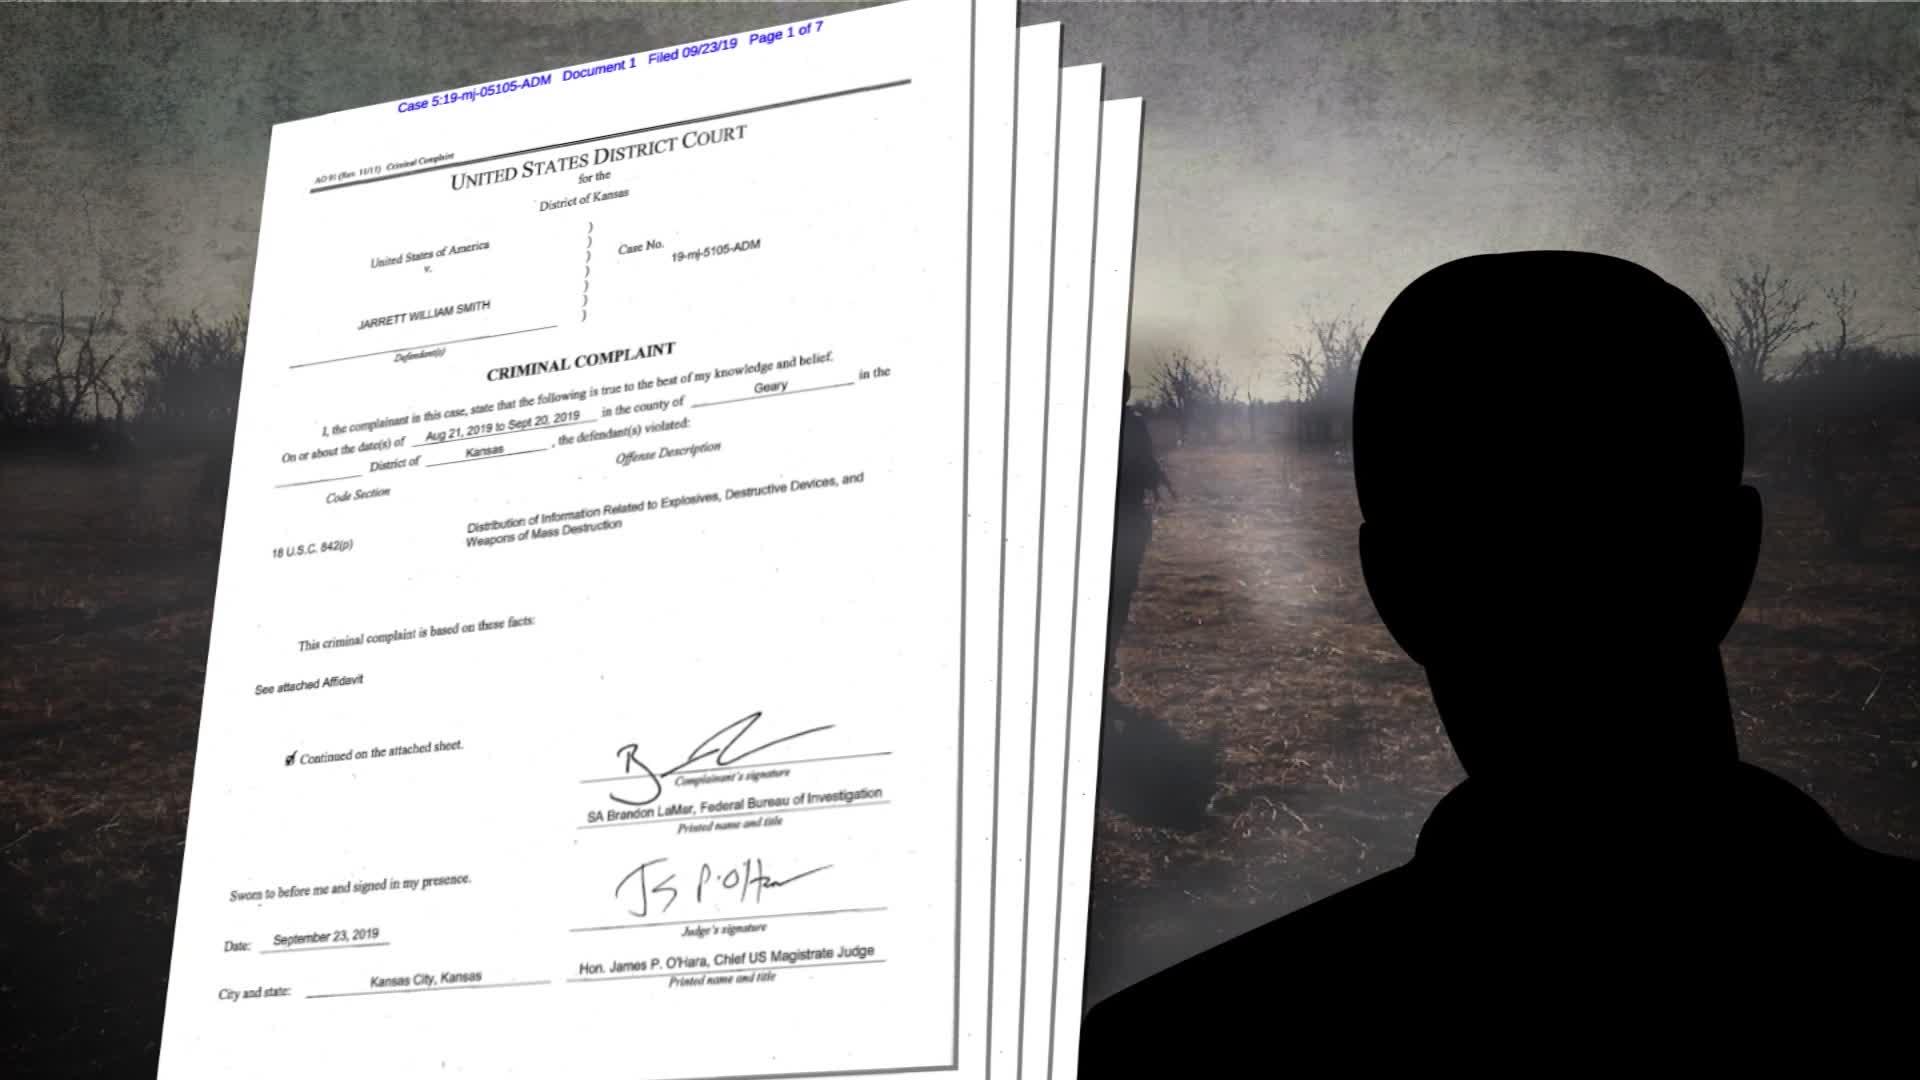 محاكمة جندي أمريكي بتهمة التخطيط لتفجير مقر لـCNN واستهداف مرشح رئاسي ديمقراطي